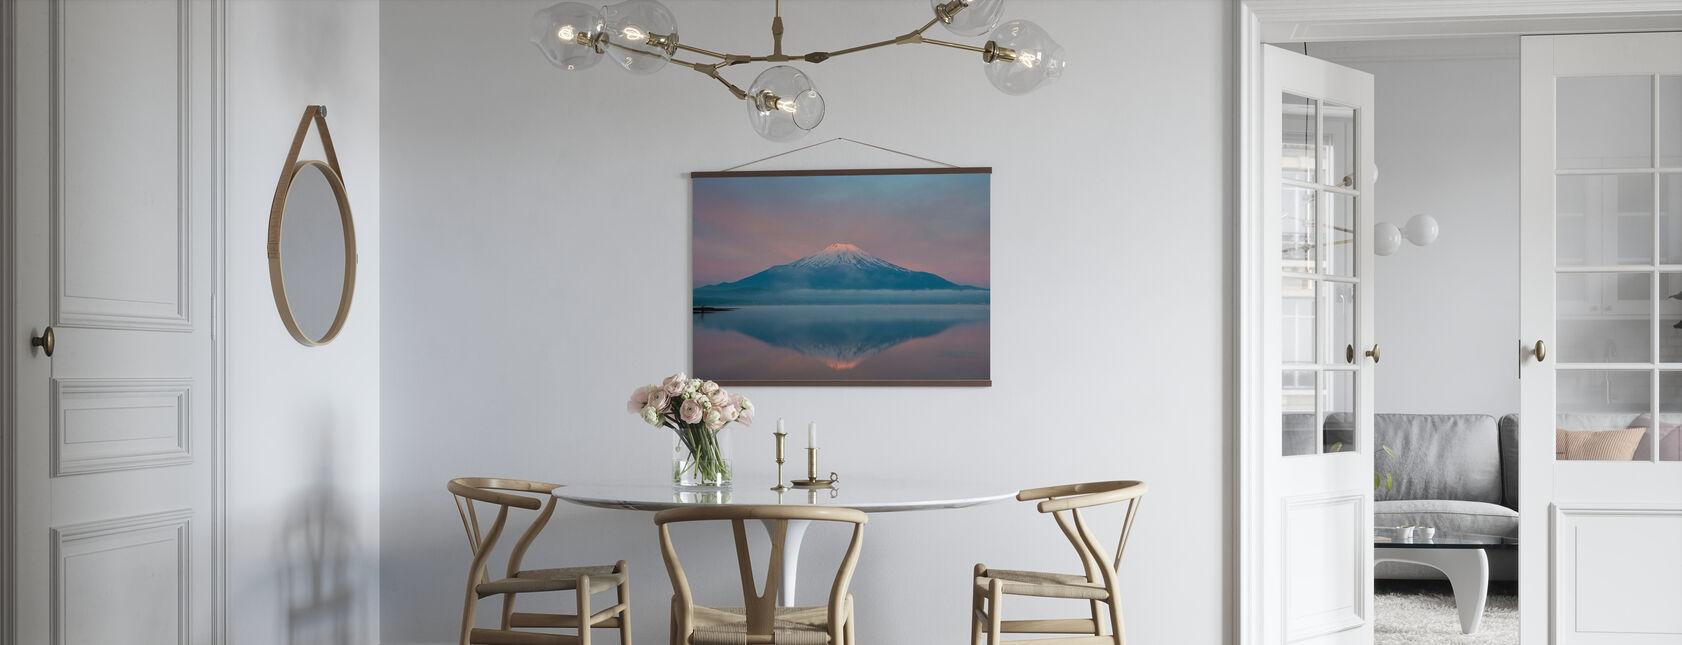 Farbe des Sonnenaufgangs - Poster - Küchen